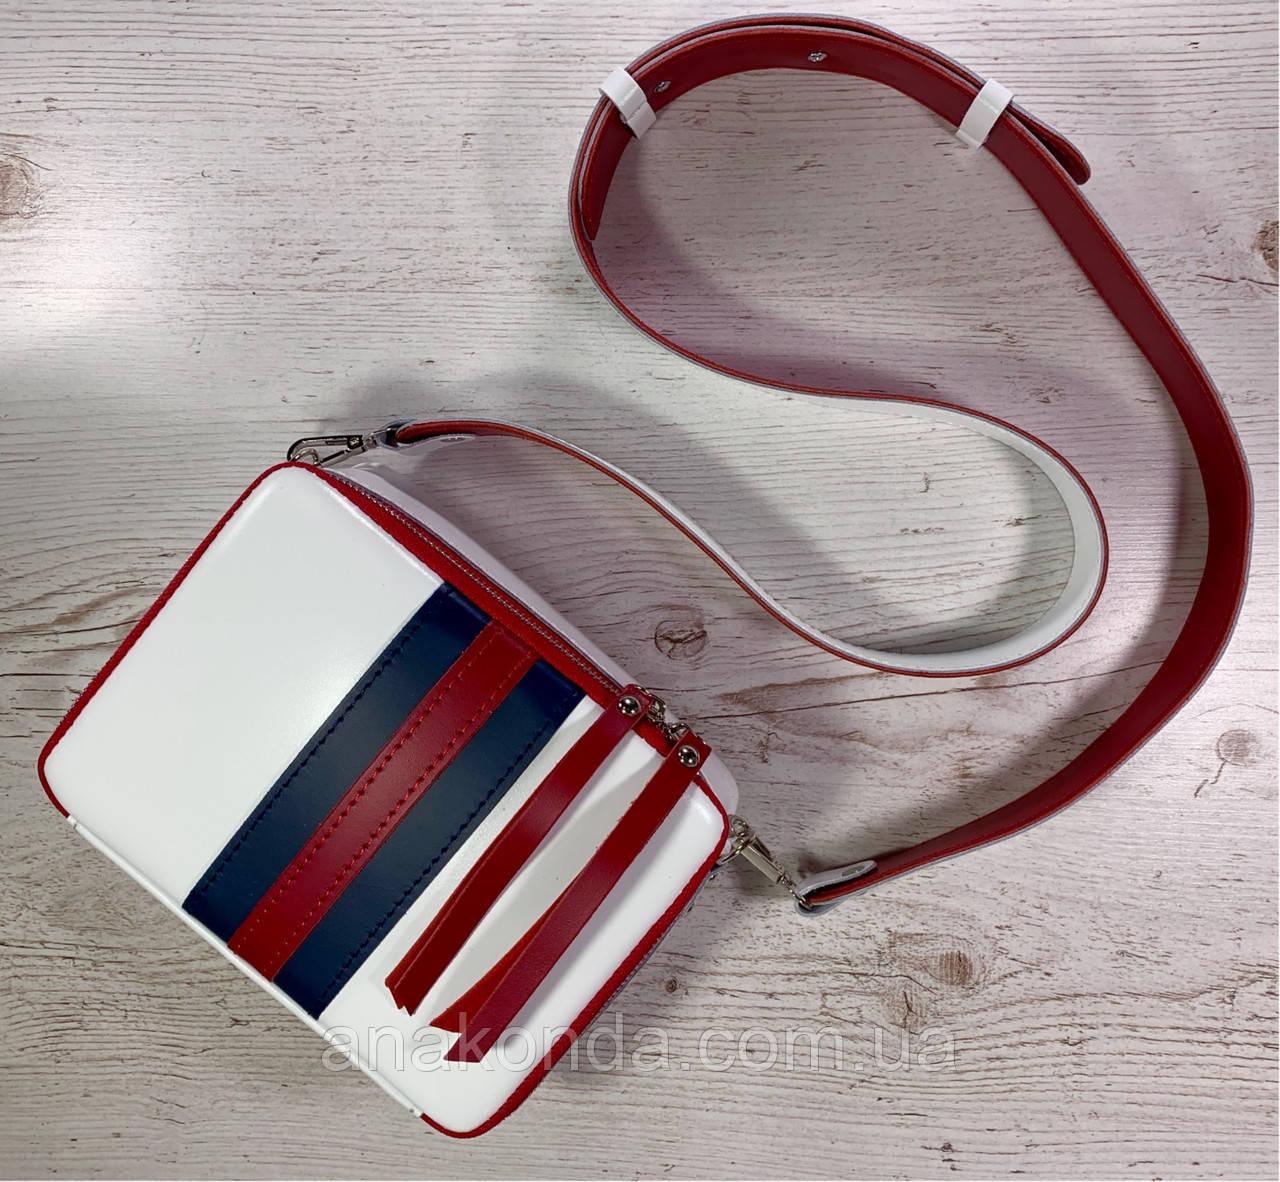 66-ТХр Натуральная кожа Сумка кросс-боди широкий ремень белая Сумка на плечо кожаная сумка женская Tommy Hilfi